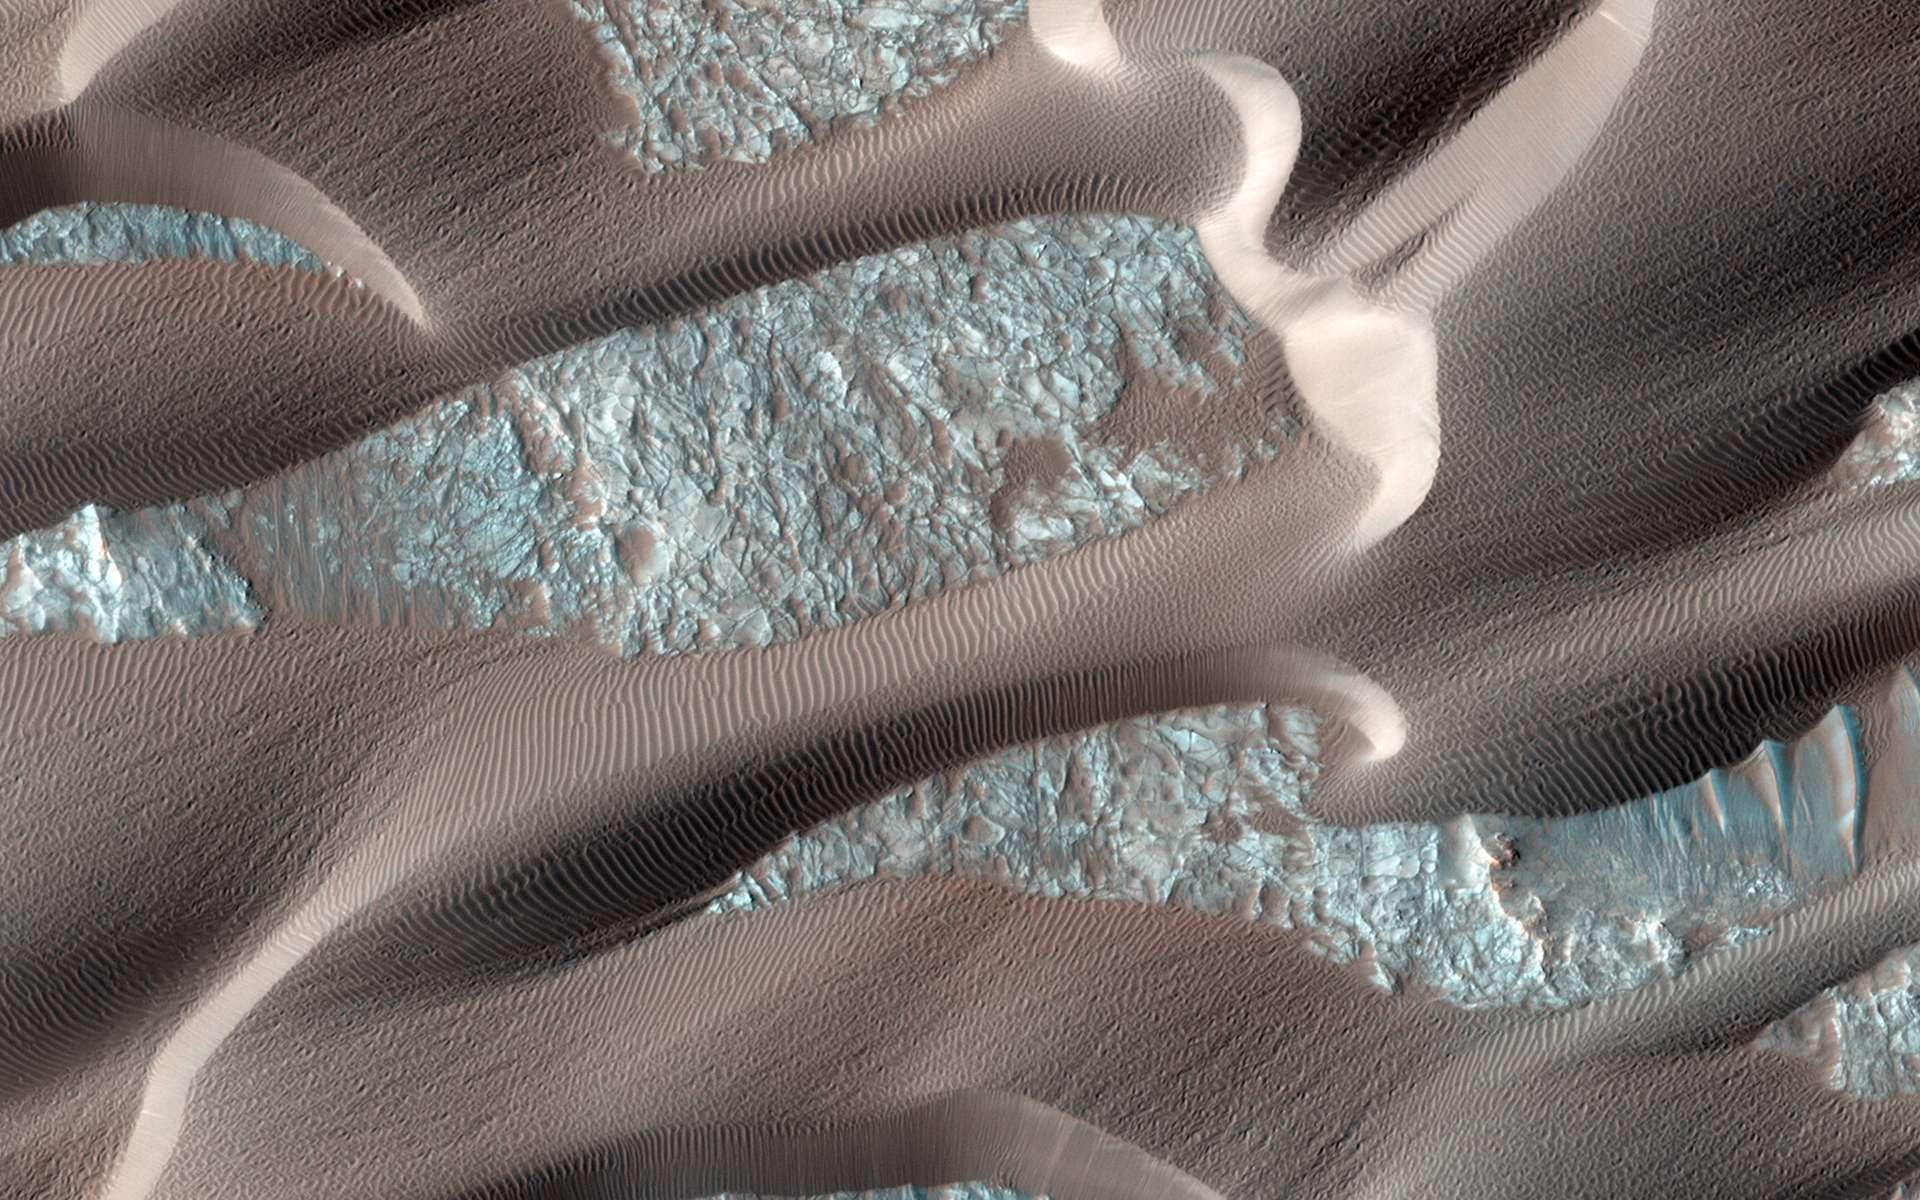 Le champ de dunes de Nili Patera, sur Mars, est un des plus actifs de la Planète rouge. Ces dunes de sable ondulent sous des vents quasi quotidiens pouvant atteindre 120 km/h. © Nasa, MRO, Hirise Science team